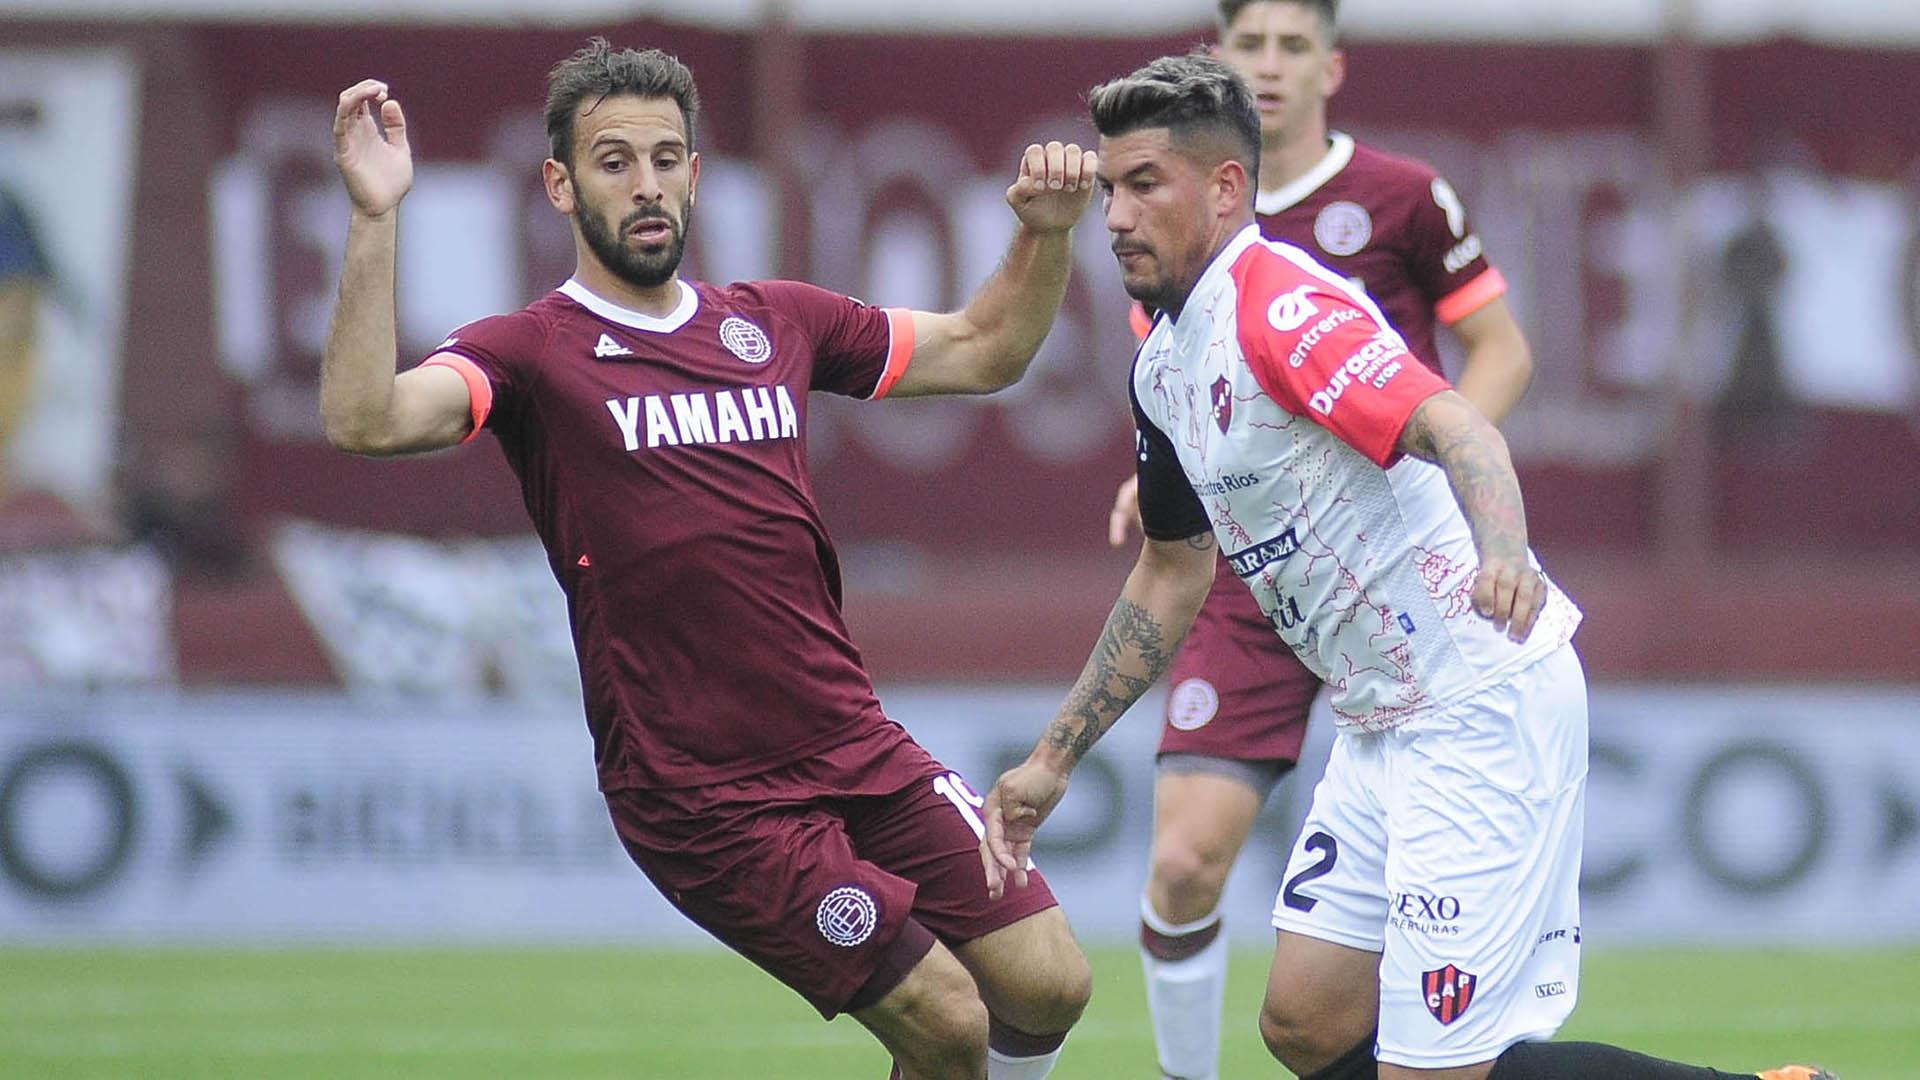 Lanús ganó por primera vez en la Superliga: superó a Patronato en un duelo  clave por el descenso - Infobae